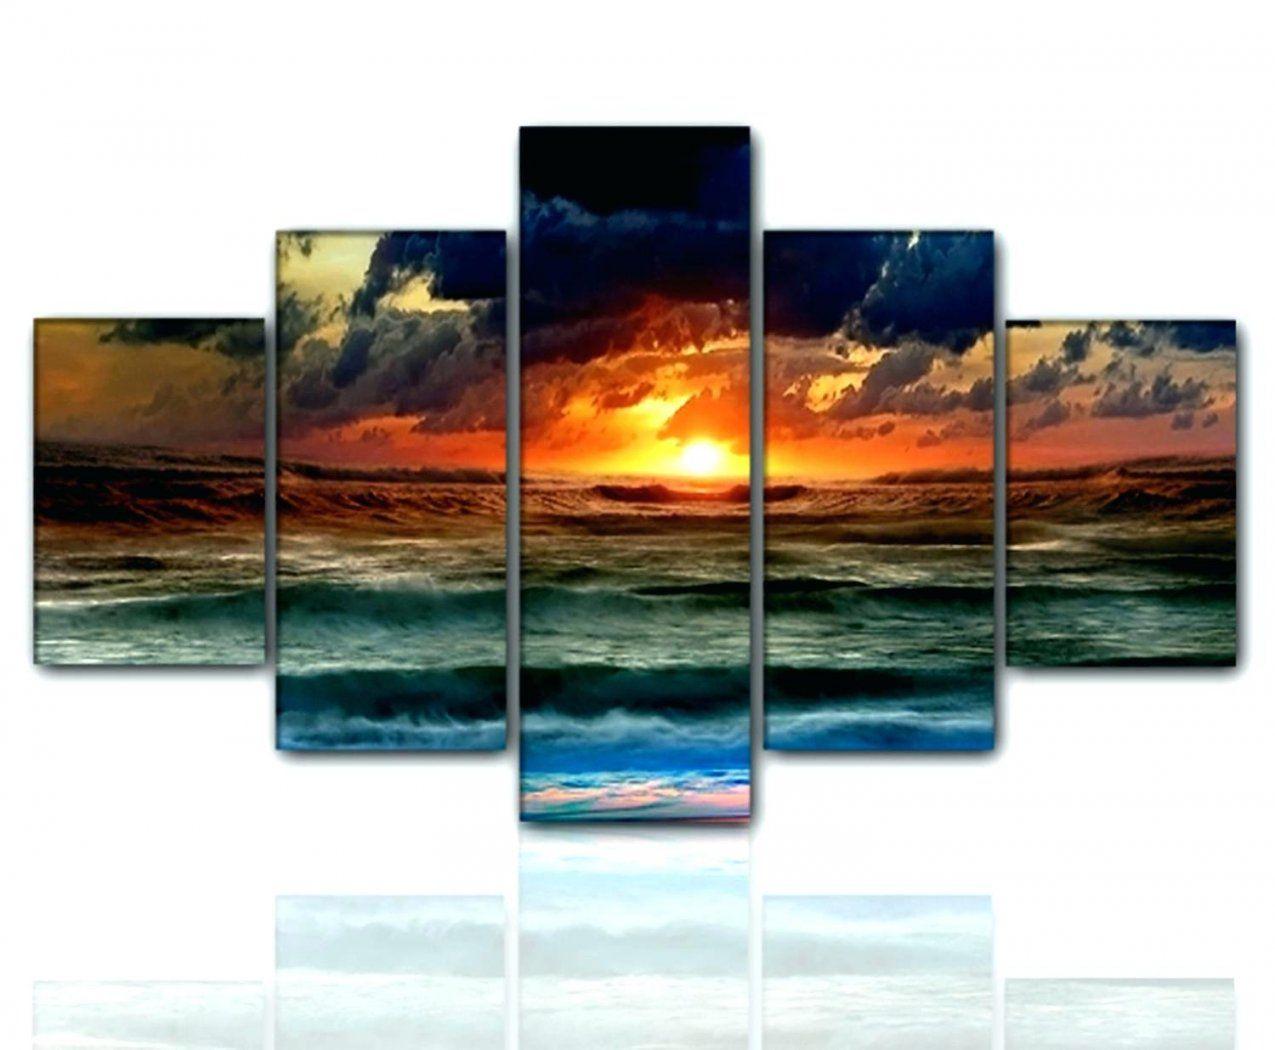 Leinwand Online Bestellen Herrlich Wohnzimmer Bilder Xxl Wandbilder von Leinwandbilder Xxl 5 Teilig Photo